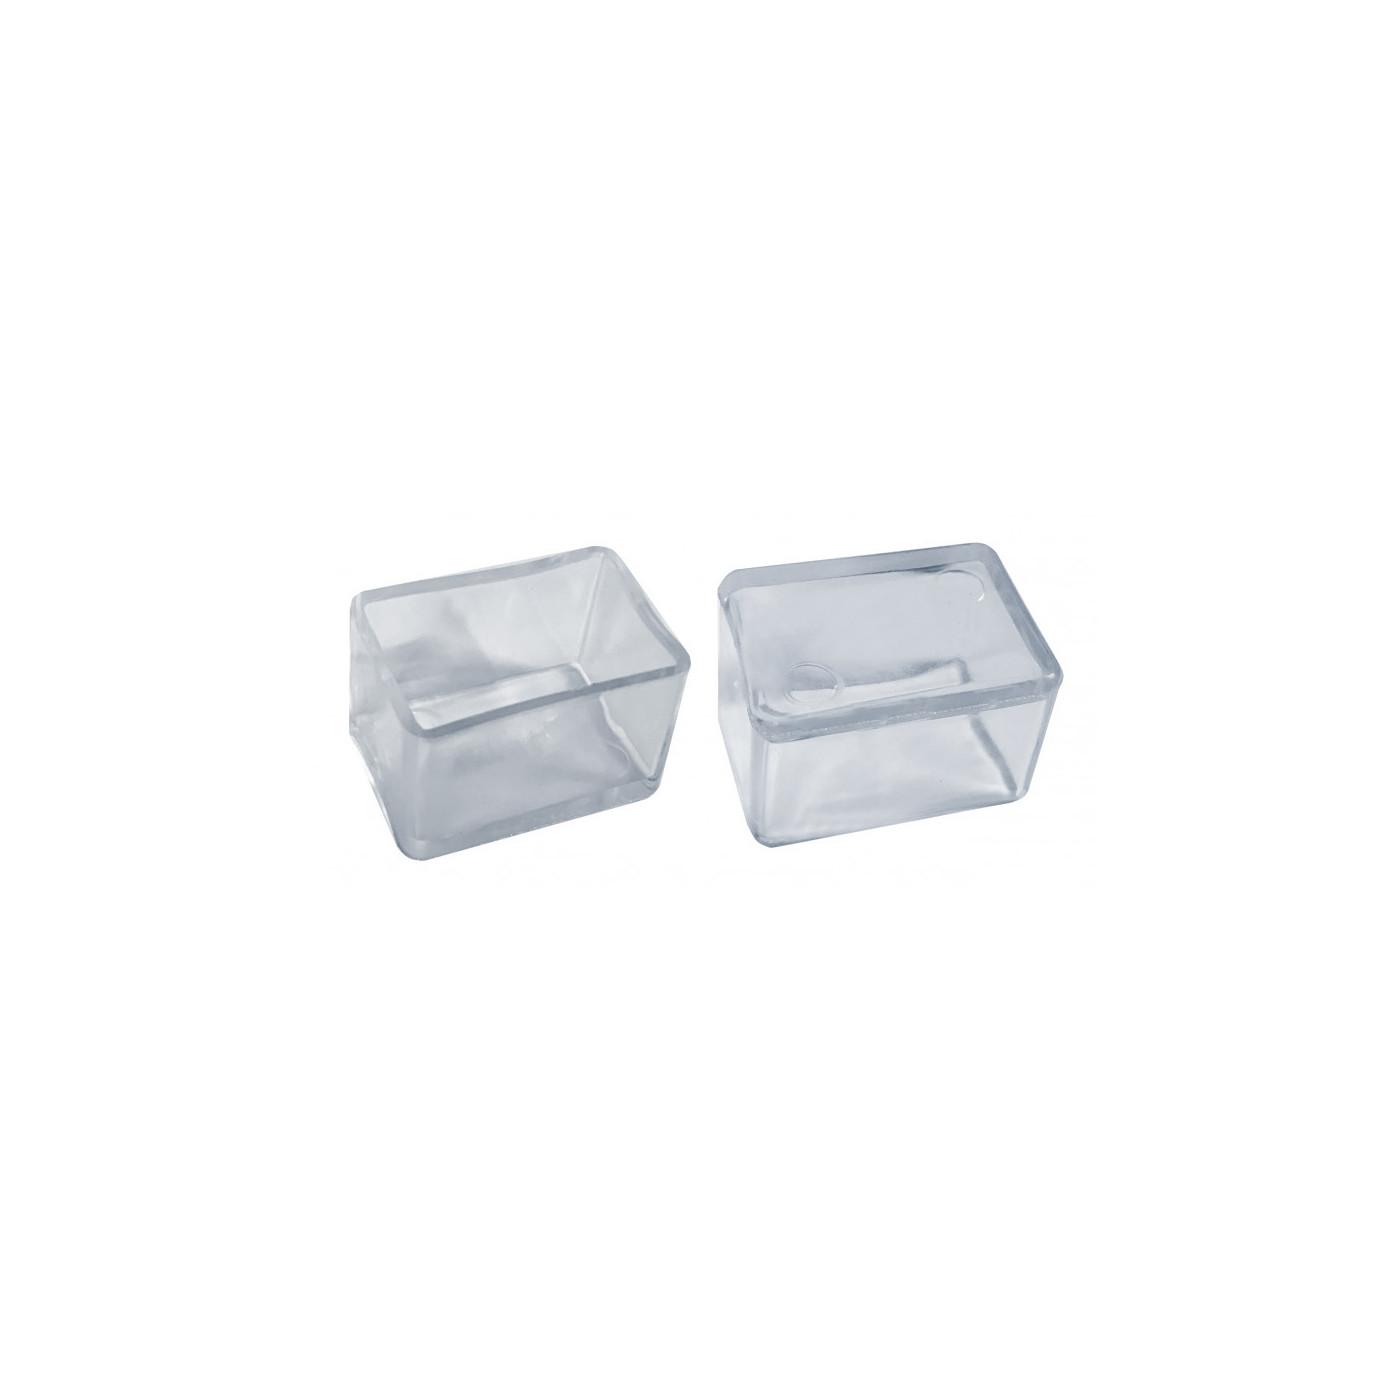 Set von 32 silikonkappen (Außenkappe, Rechteck, 30x50 mm, transparent) [O-RA-30x50-T]  - 1